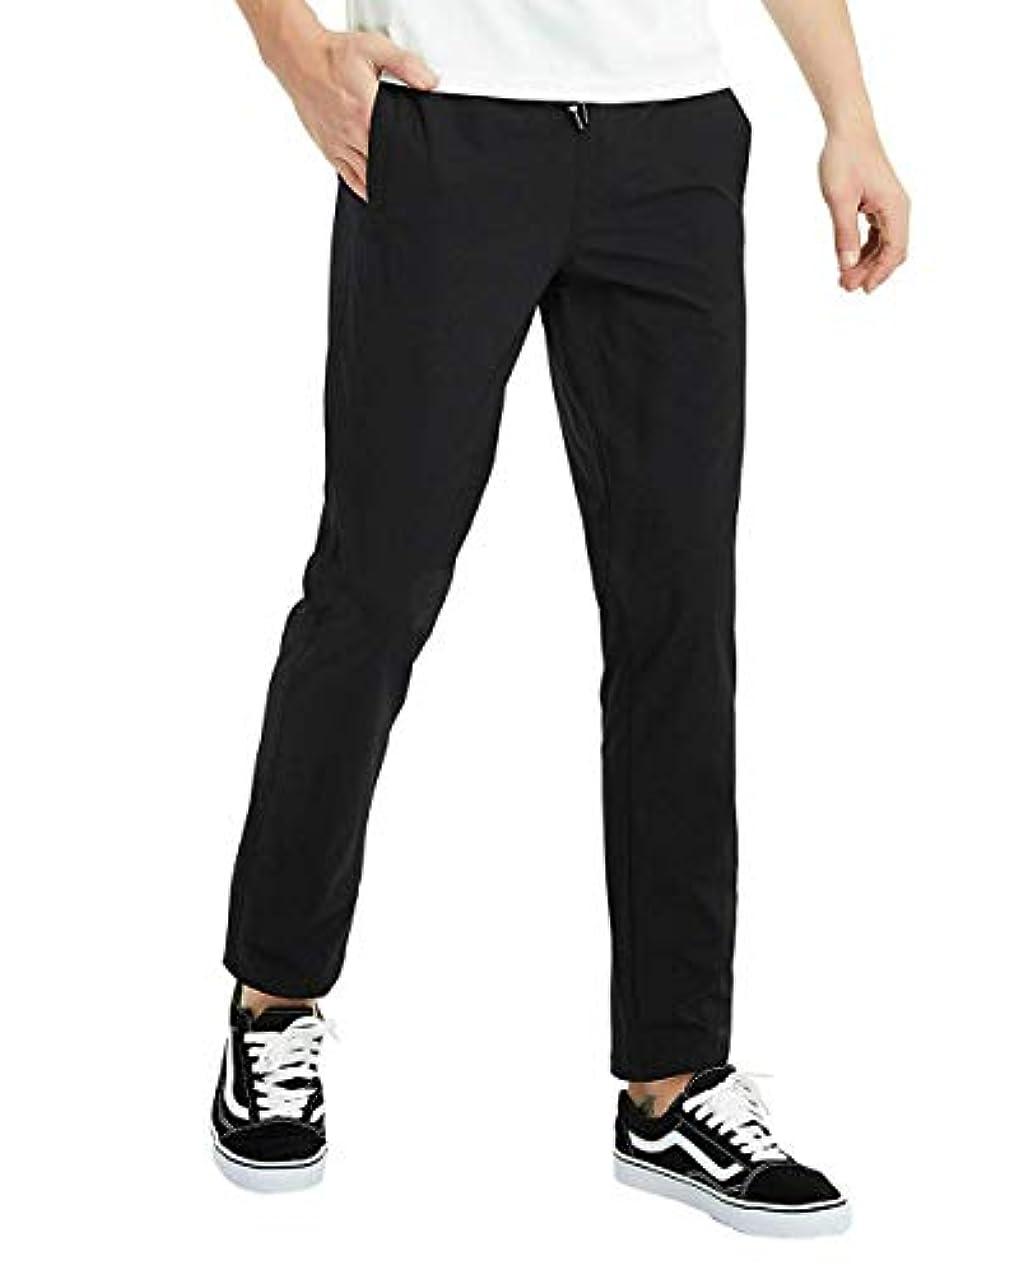 とは異なり処理するデザイナー2019 アウトドアパンツ メンズ ロングパンツ 薄手 速乾 ストレッチパンツ 春秋夏用 カジュアルウエア 軽量 通気 迷彩ズボン 5色展開 FULINE